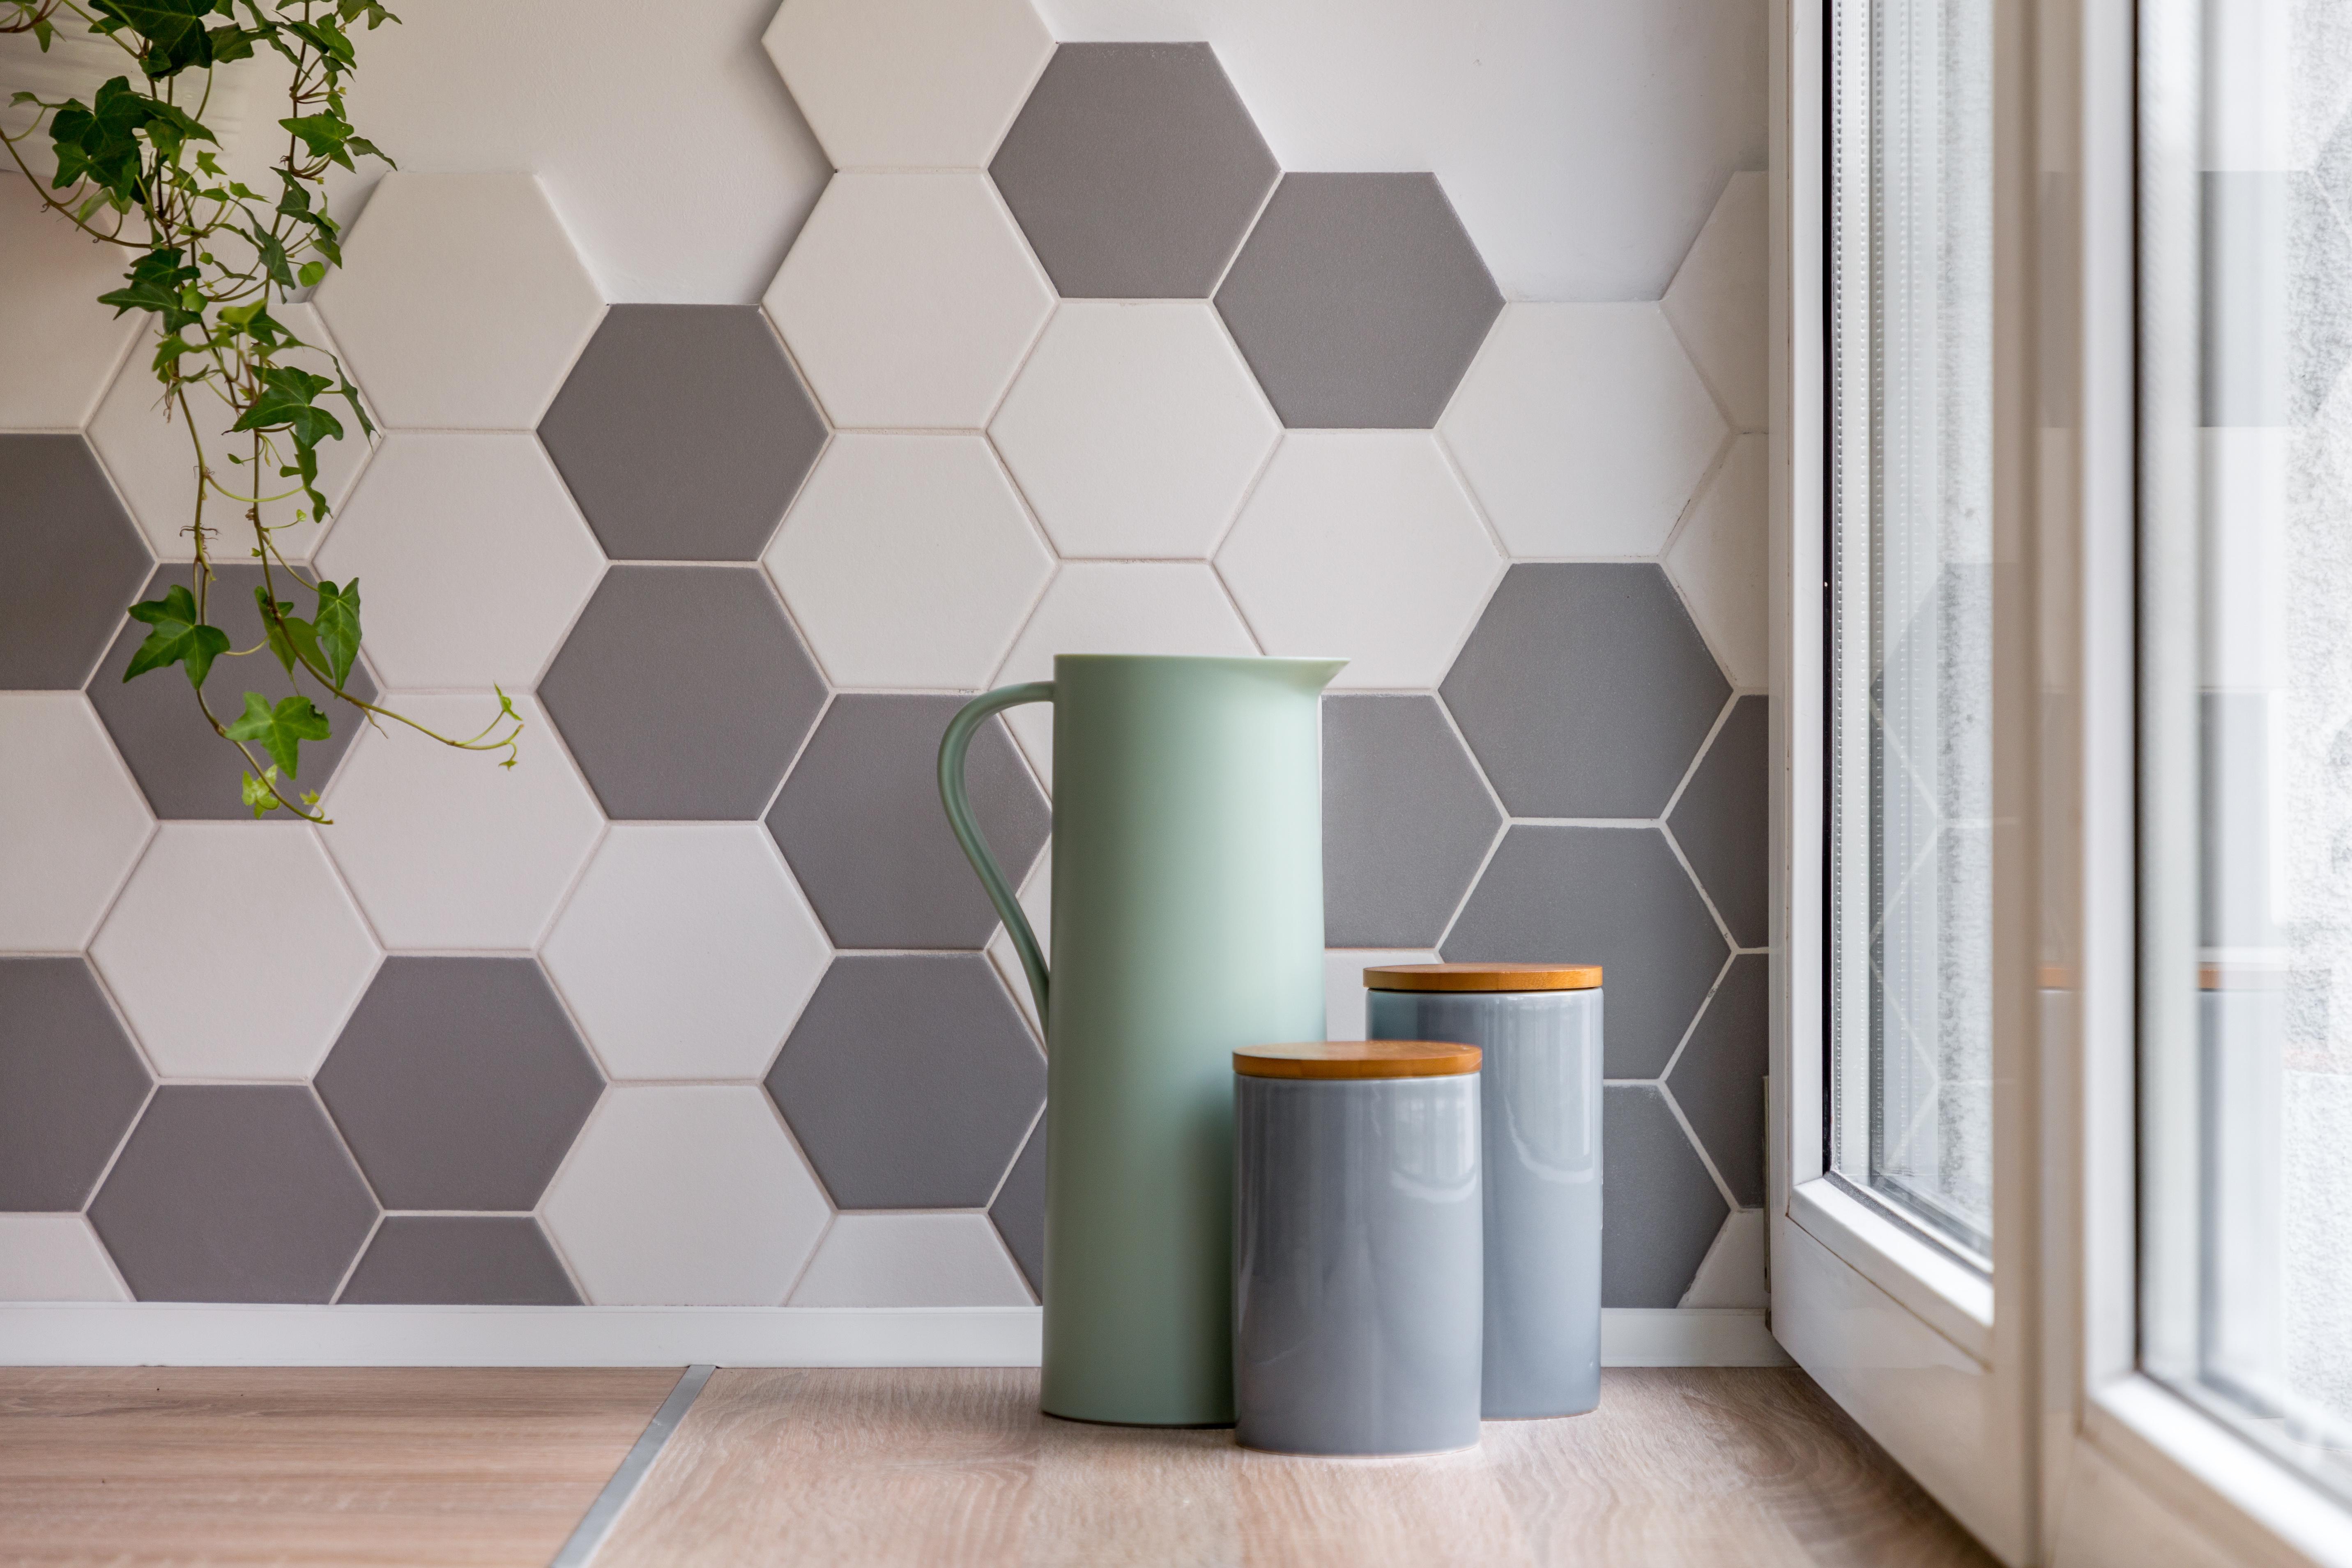 Le Carrelage Hexagonal Atout Inconvenient Et Prix